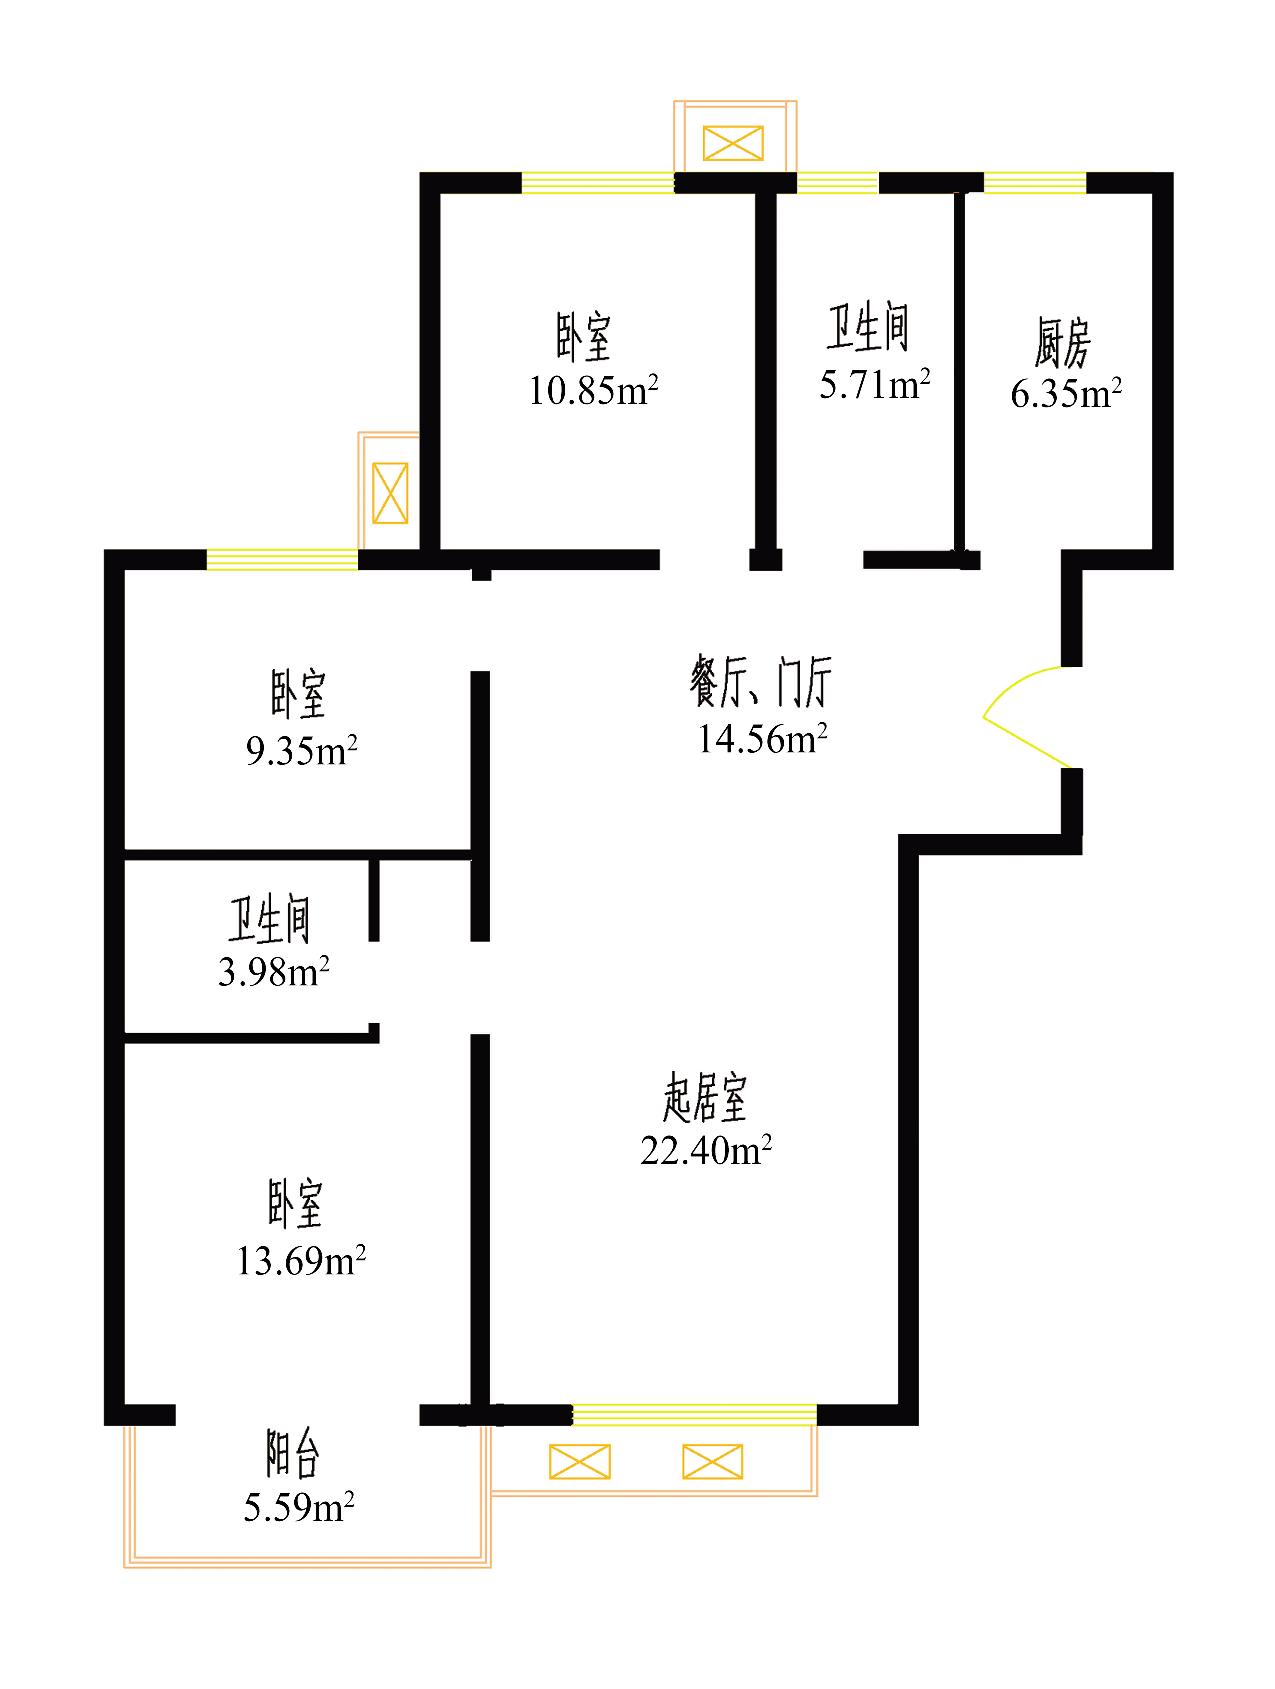 该北京市房山区富燕新村l3户型总面积为